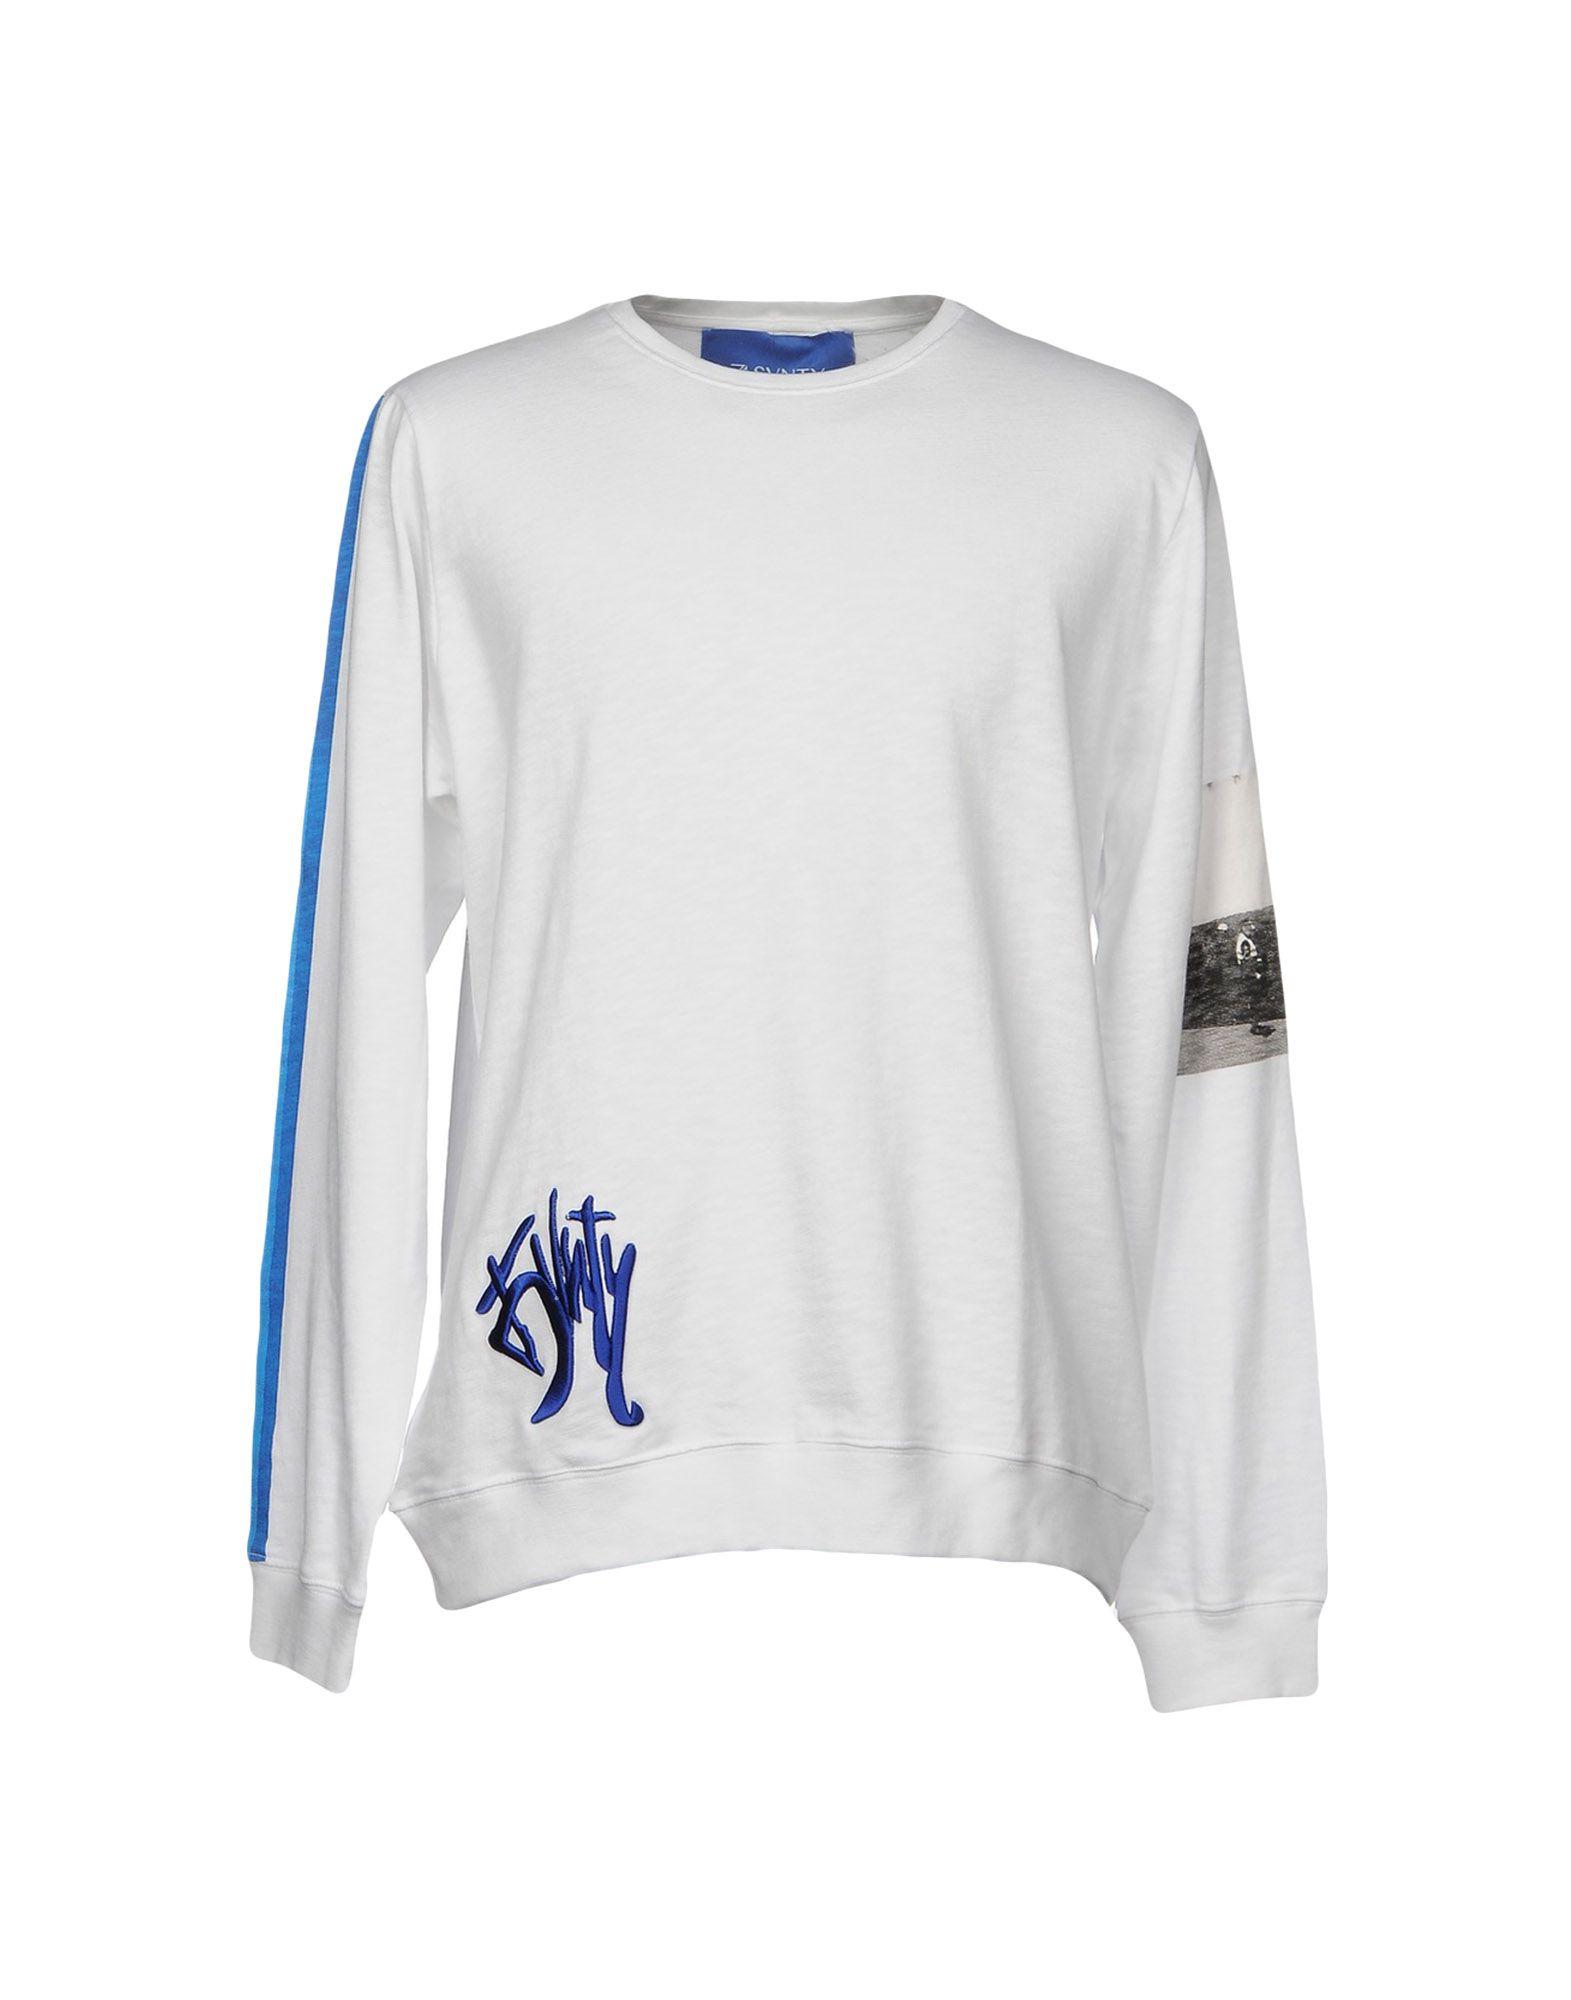 SVNTY Sweatshirt in White